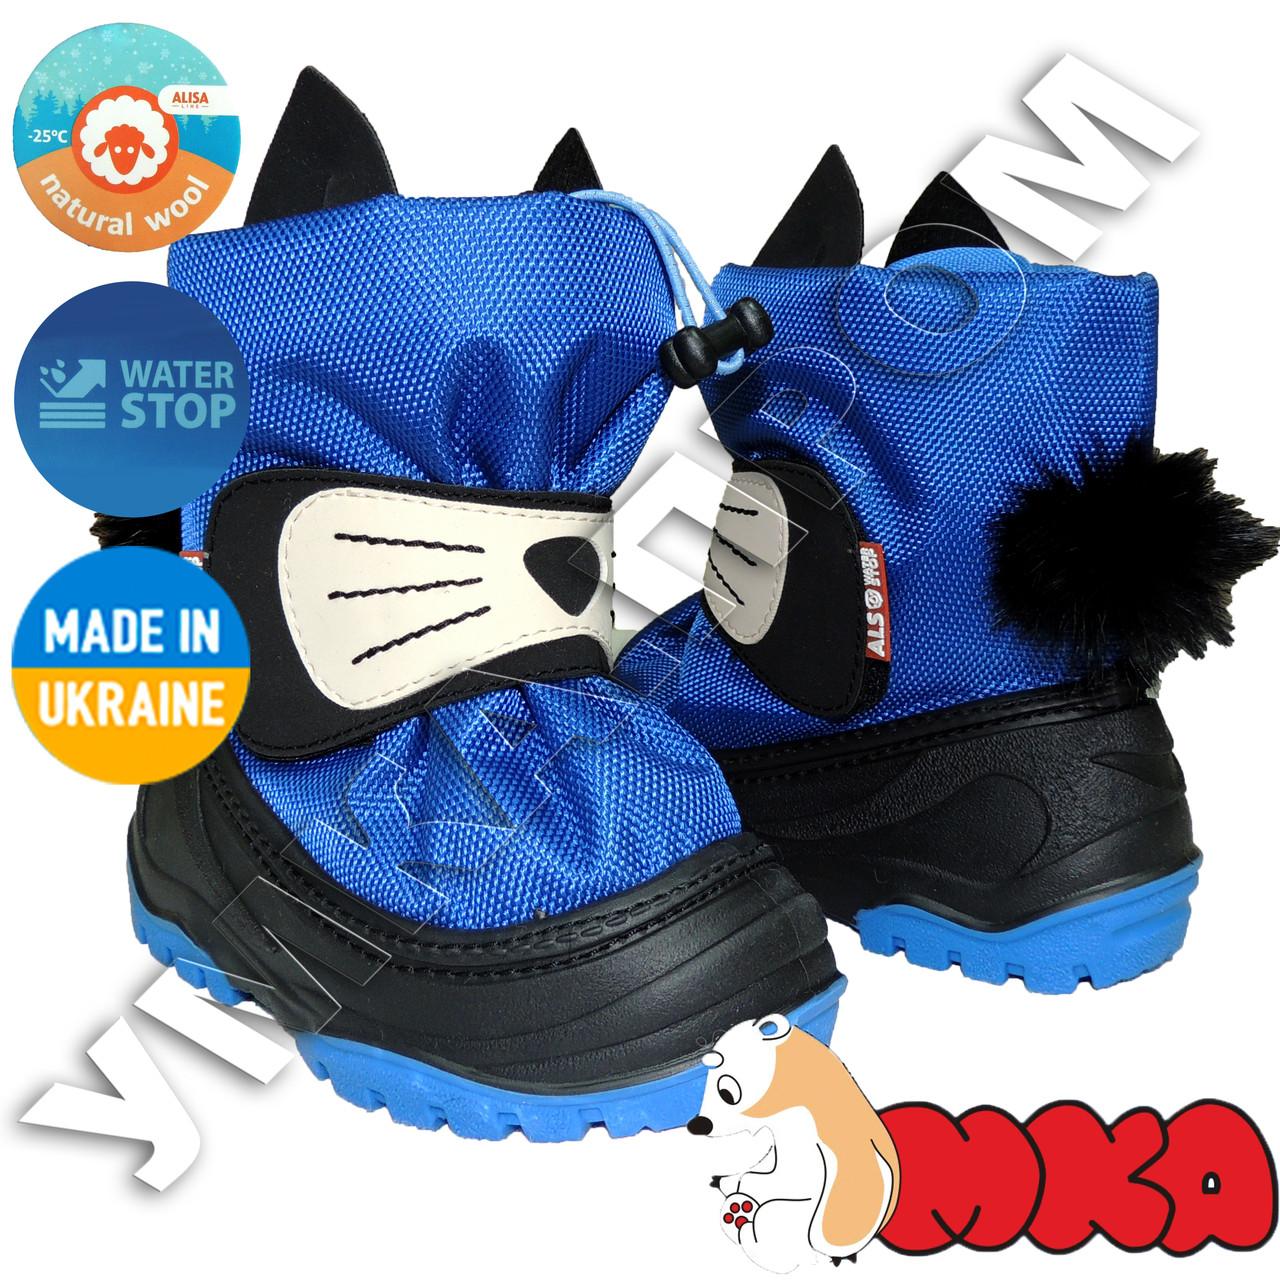 dc553bbb27f6 Сапоги на мальчика зимние Alisa LINE Cat (Италия) синие 20-24р ...